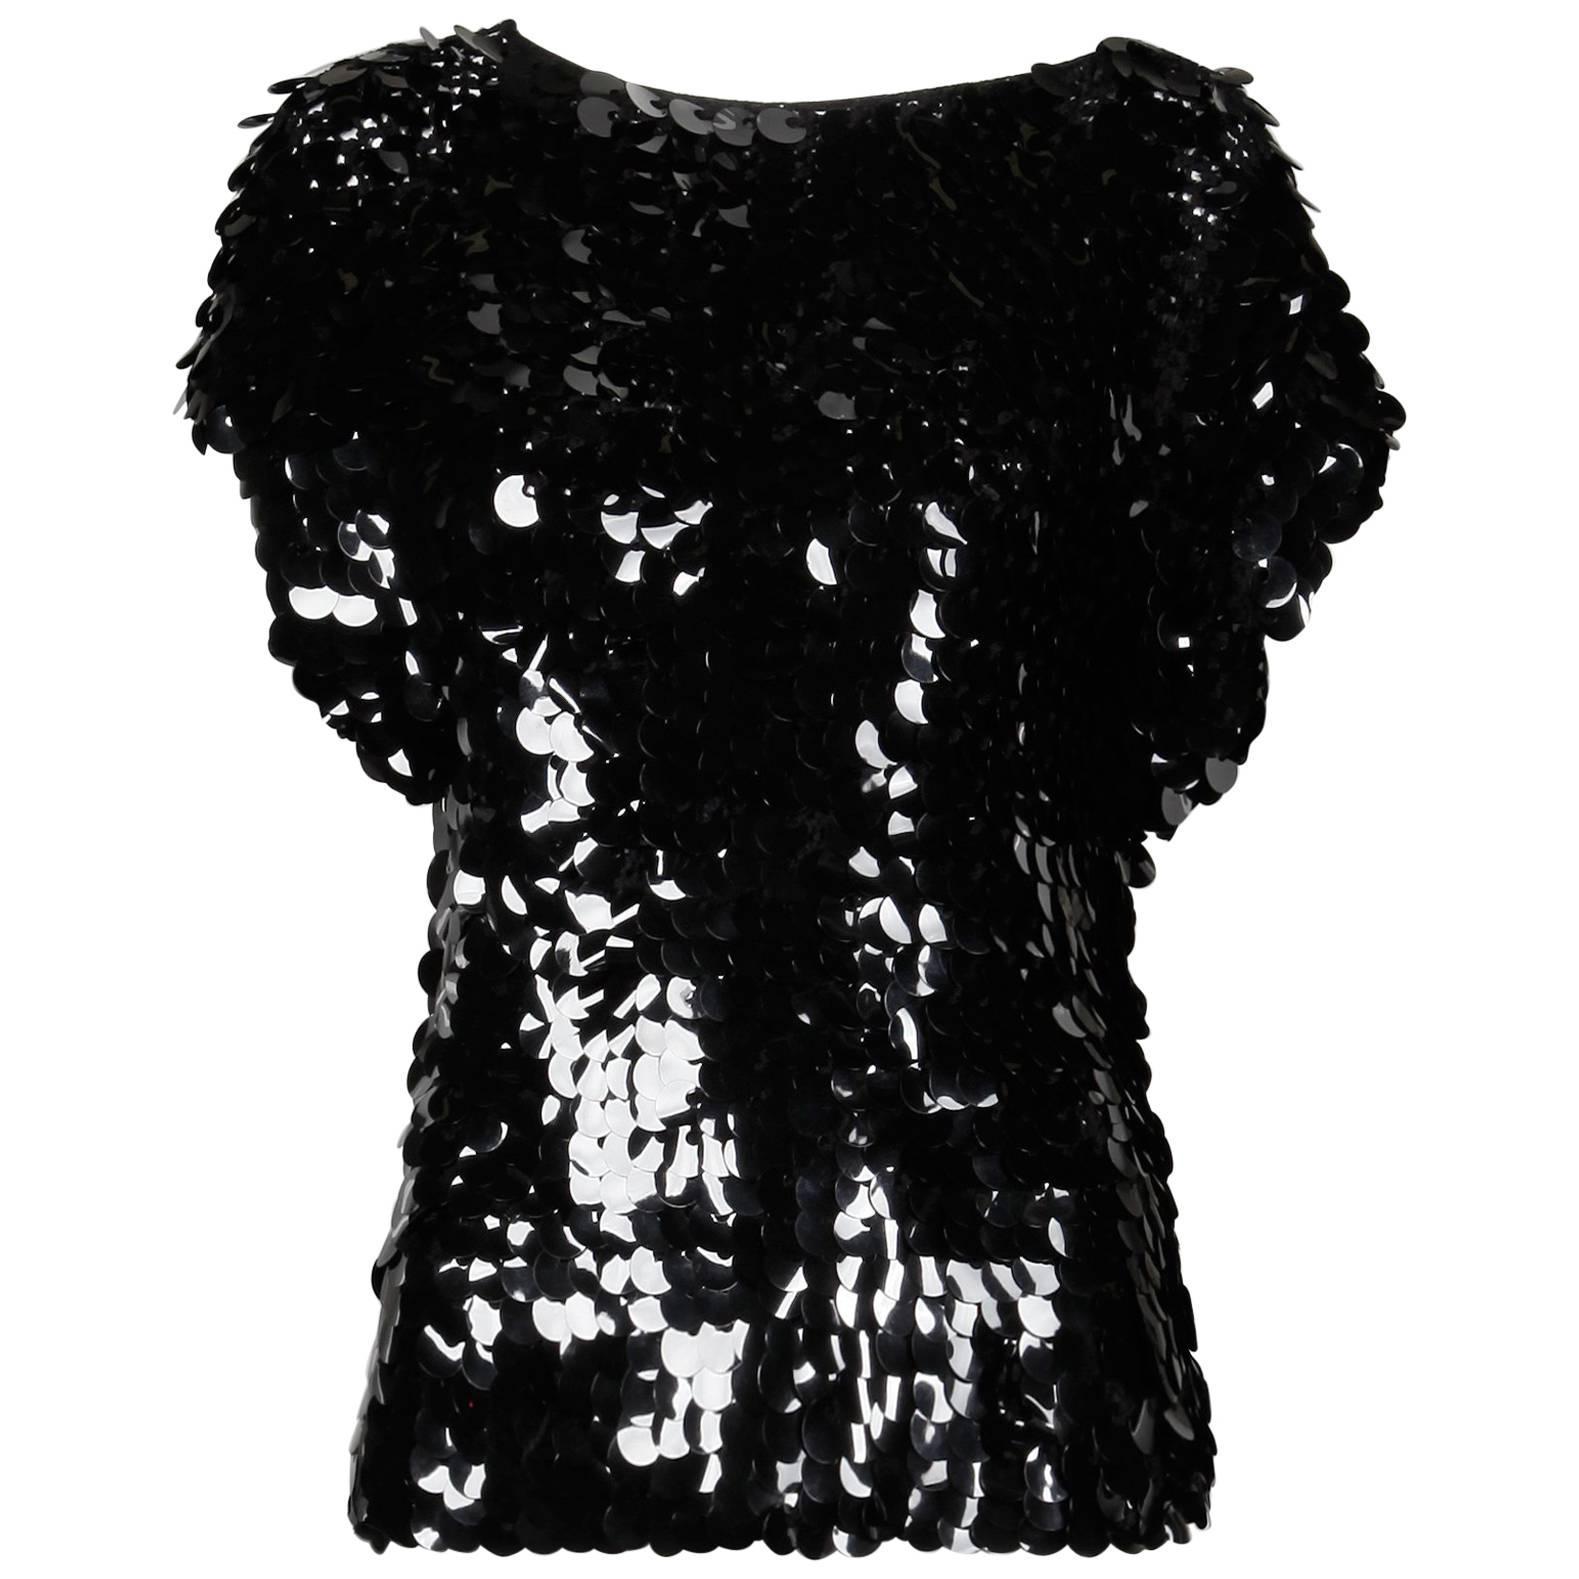 1980s Oscar de la Renta Vintage Black Knit SparklySequin Paillettes Top or Shirt